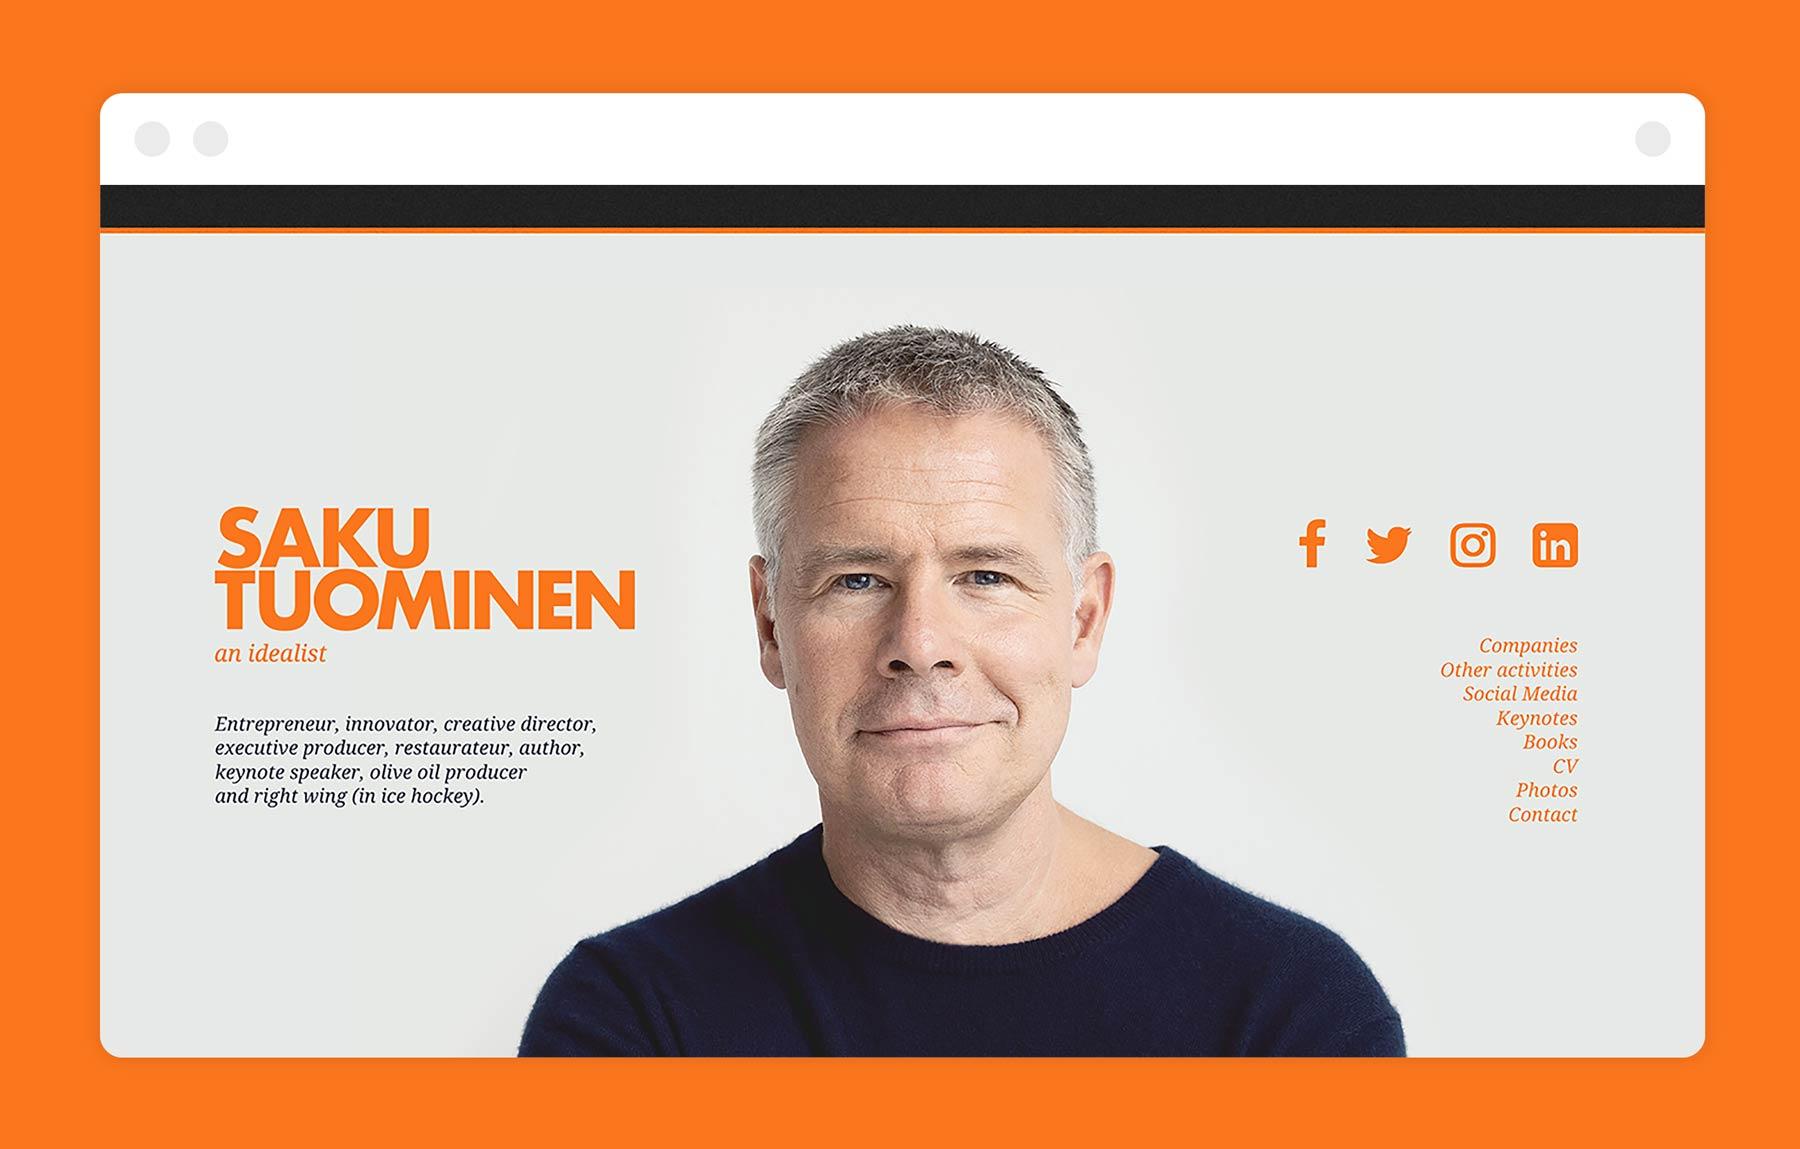 Saku Tuominen website, design by Kilda